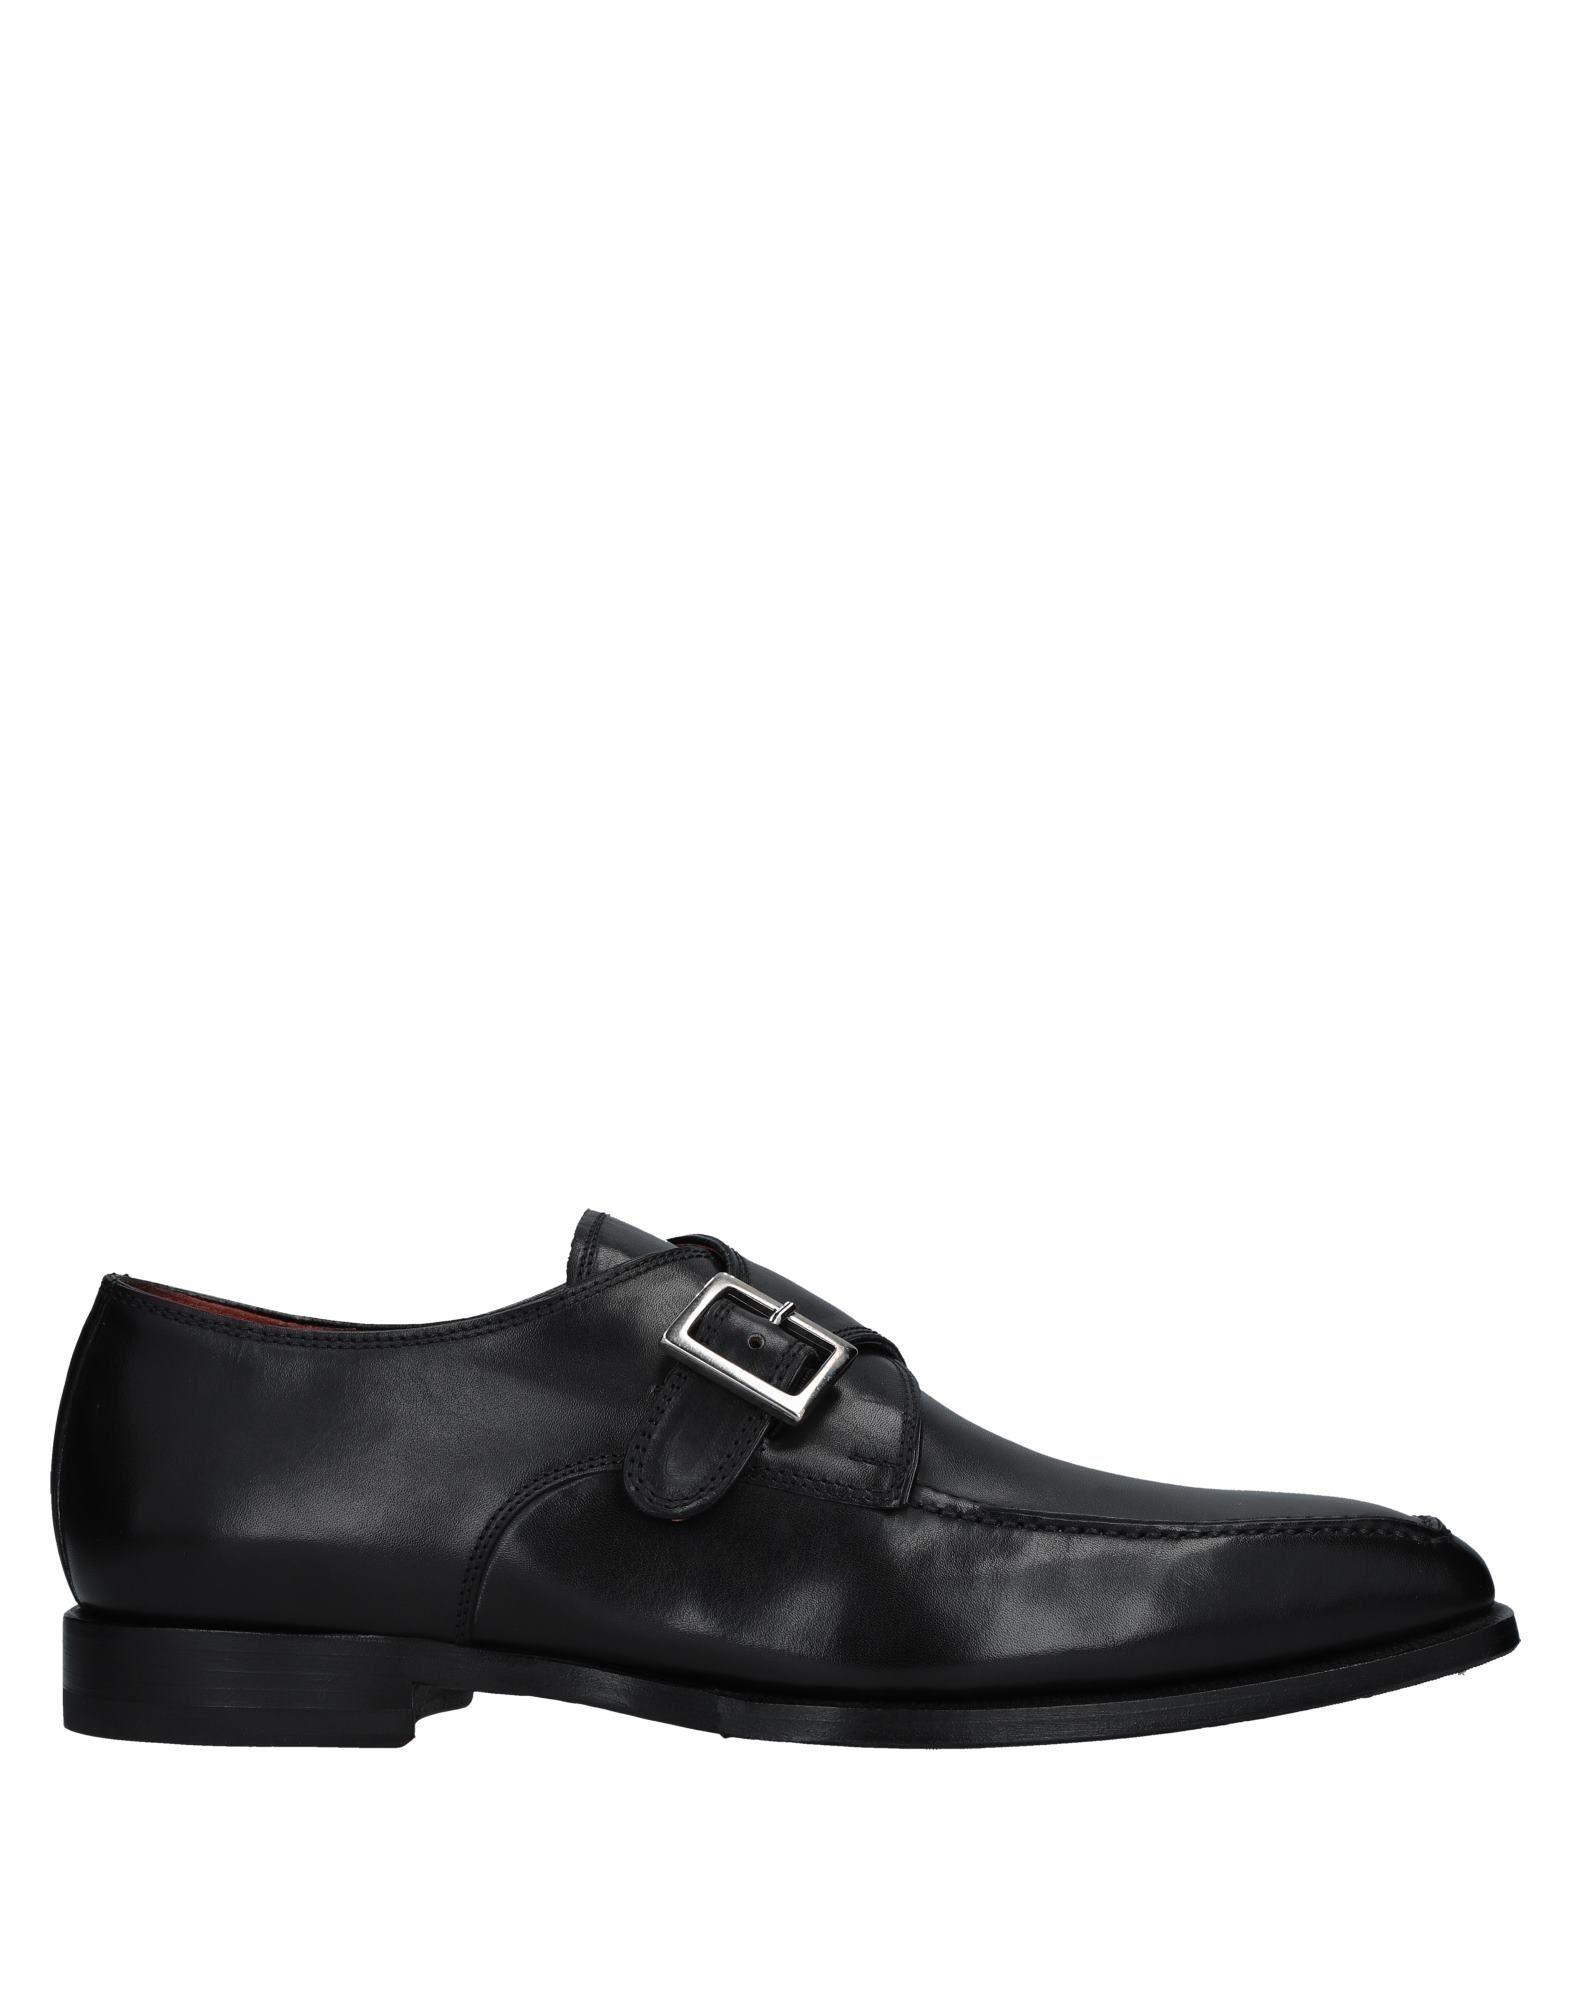 Andrea Ventura Firenze Mokassins Herren  11529134HC Gute Qualität beliebte Schuhe